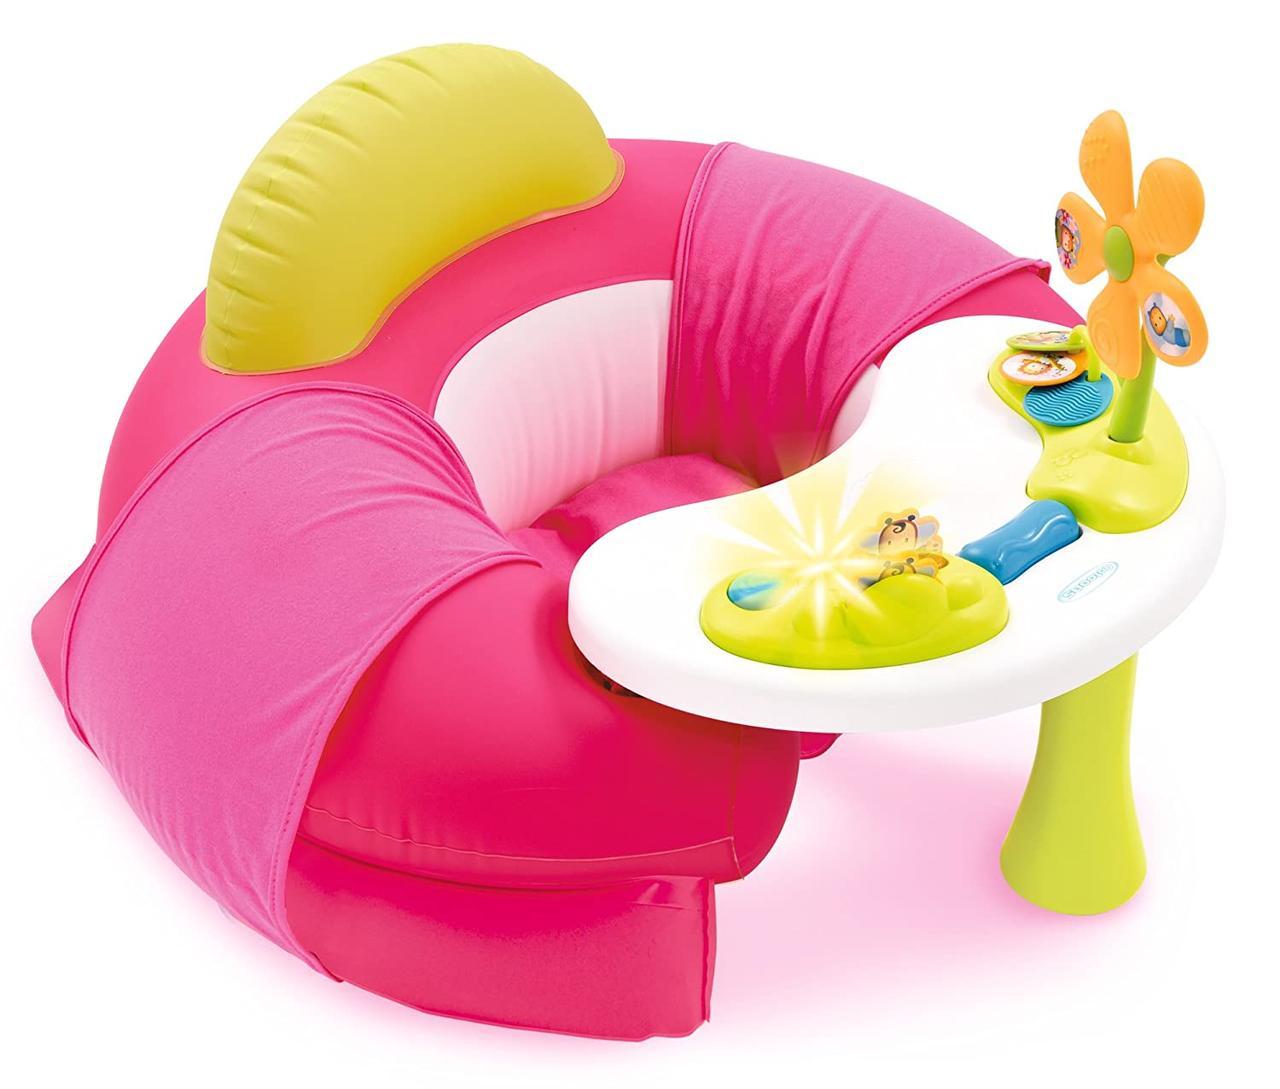 Детское кресло Cotoons с игровой панелью, розовое,  Smoby 110211